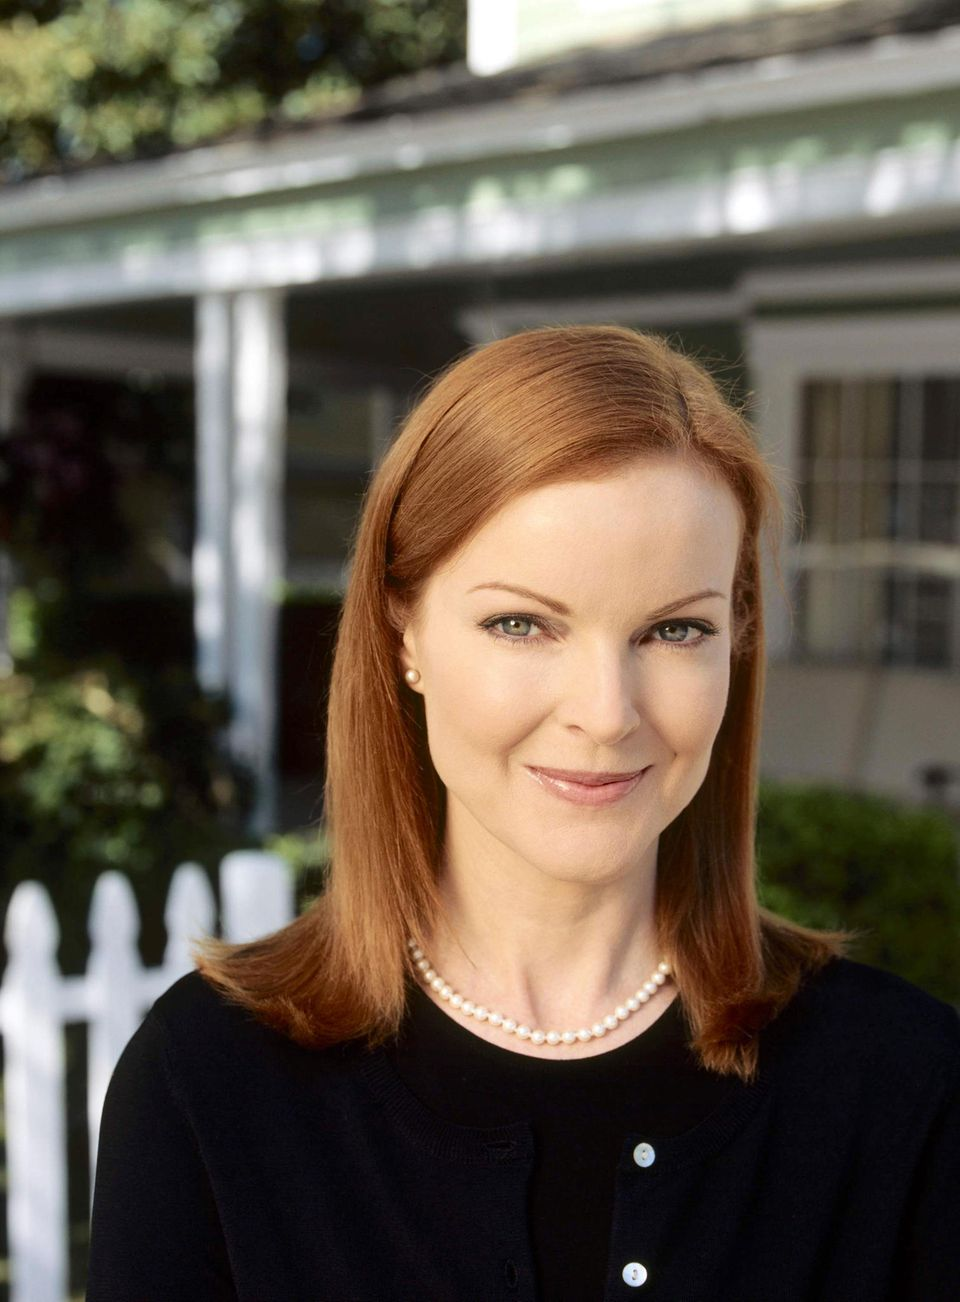 """Marcia Cross verkörpertdie unterkühlte """"Bree Van de Kamp"""", die als Vorzeigeehefrau und -mutter unter den Hausfrauen gilt."""